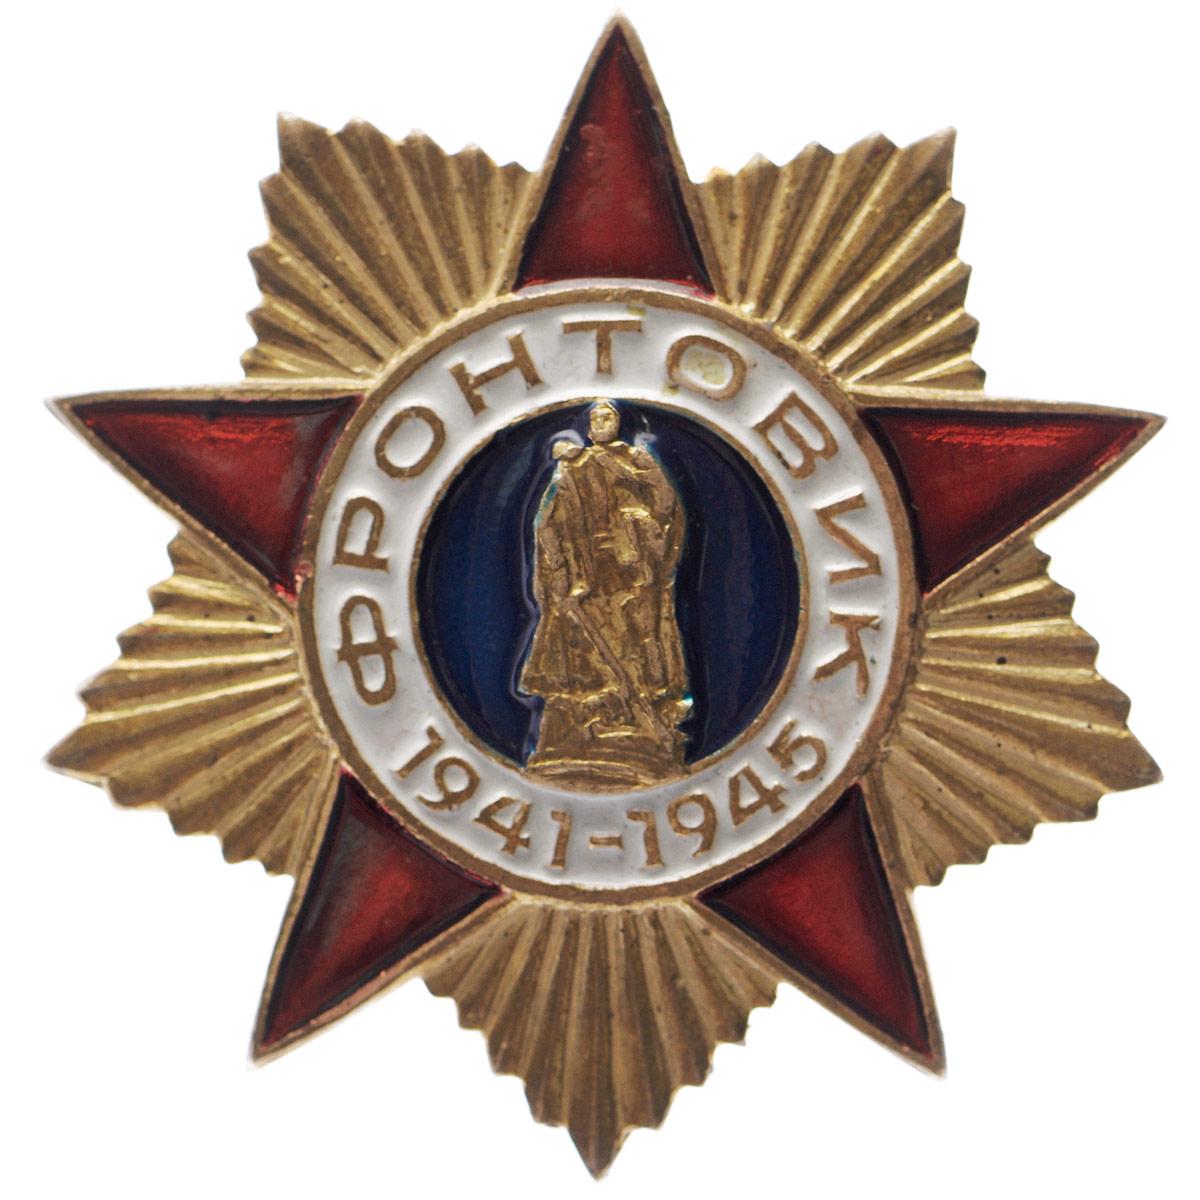 Знак Фронтовик. 1941 - 1945. Металл, эмаль. Россия, 2000 год цена